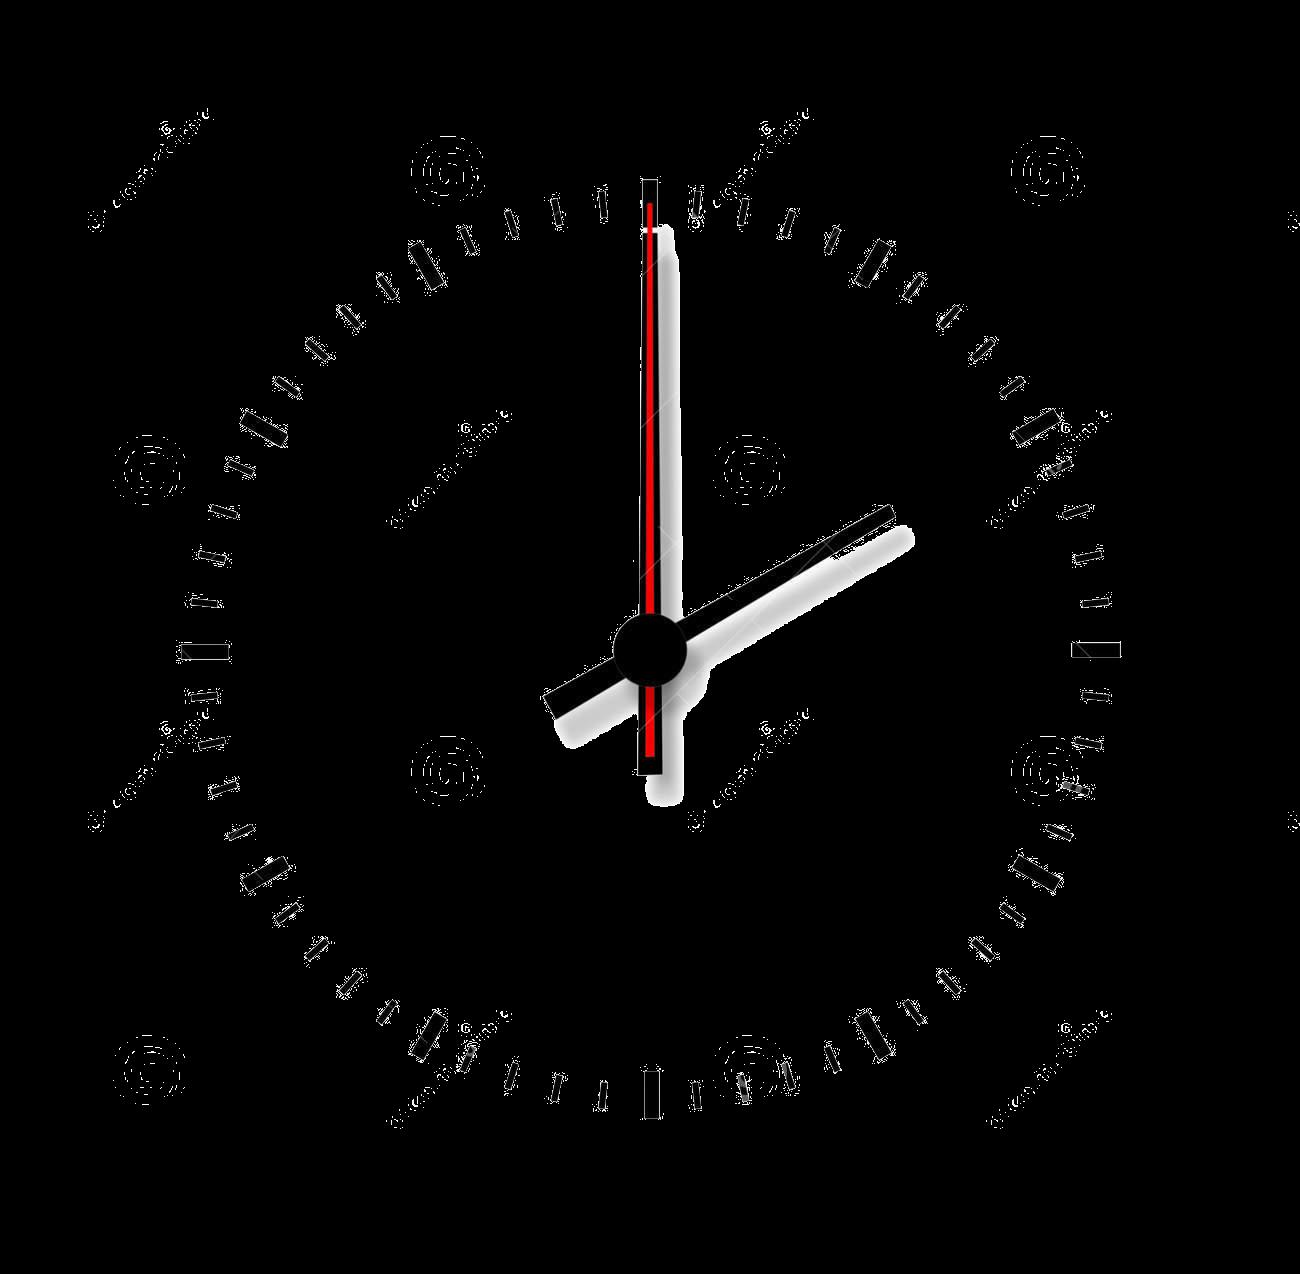 El Bloj A Que Juego Quieres Que Juegue 11 El Tiempo